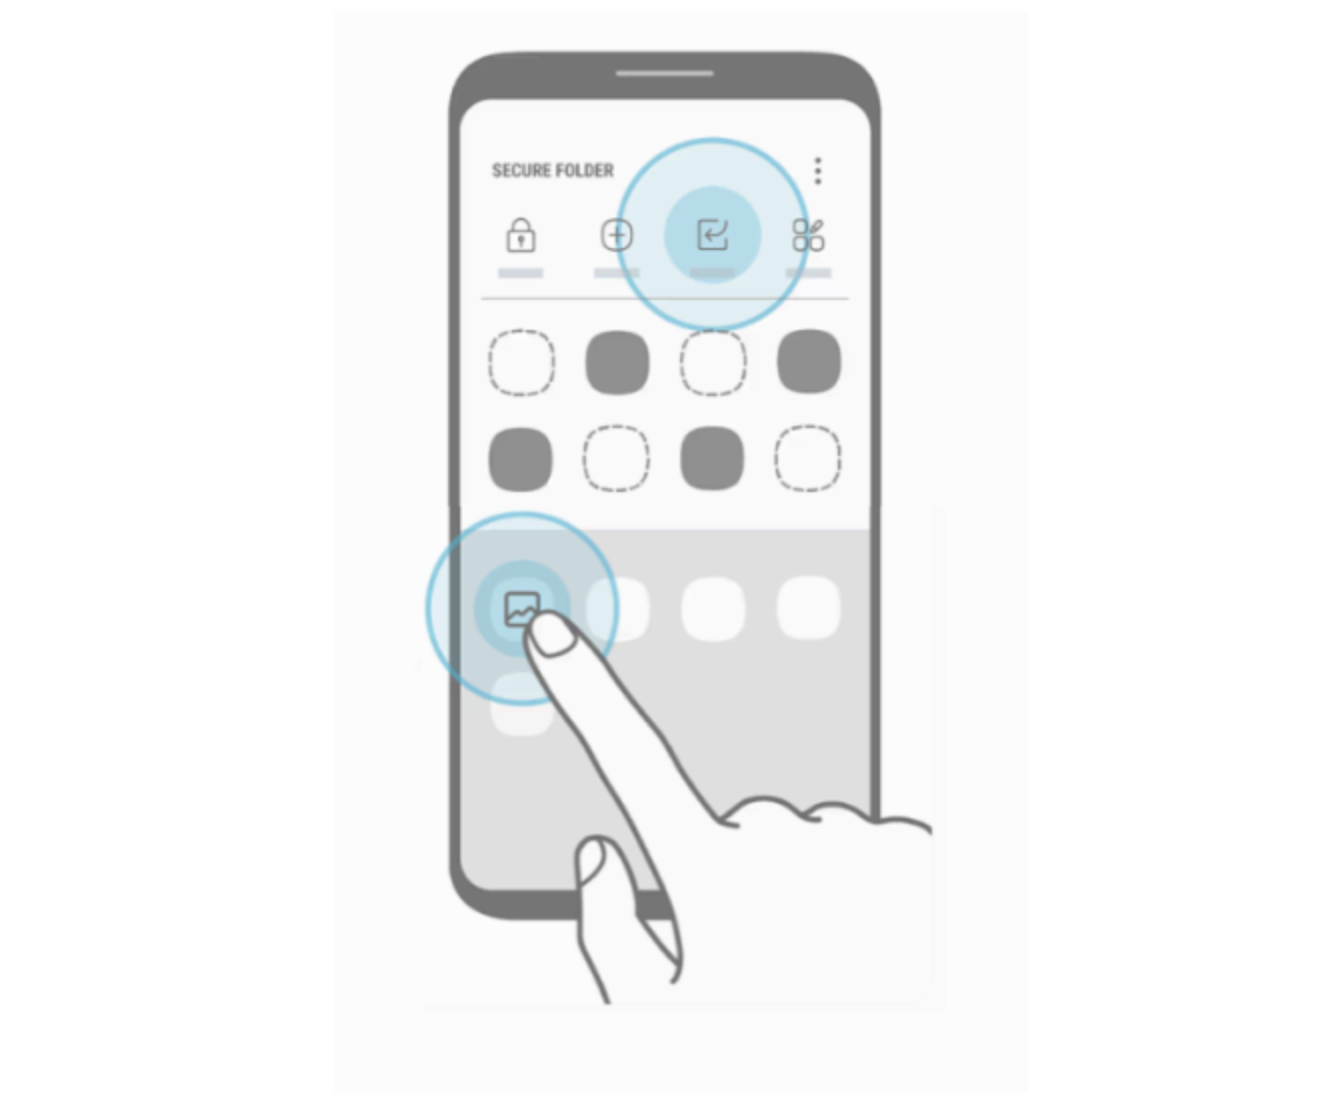 Secure Folder Galaxy S8 Leak